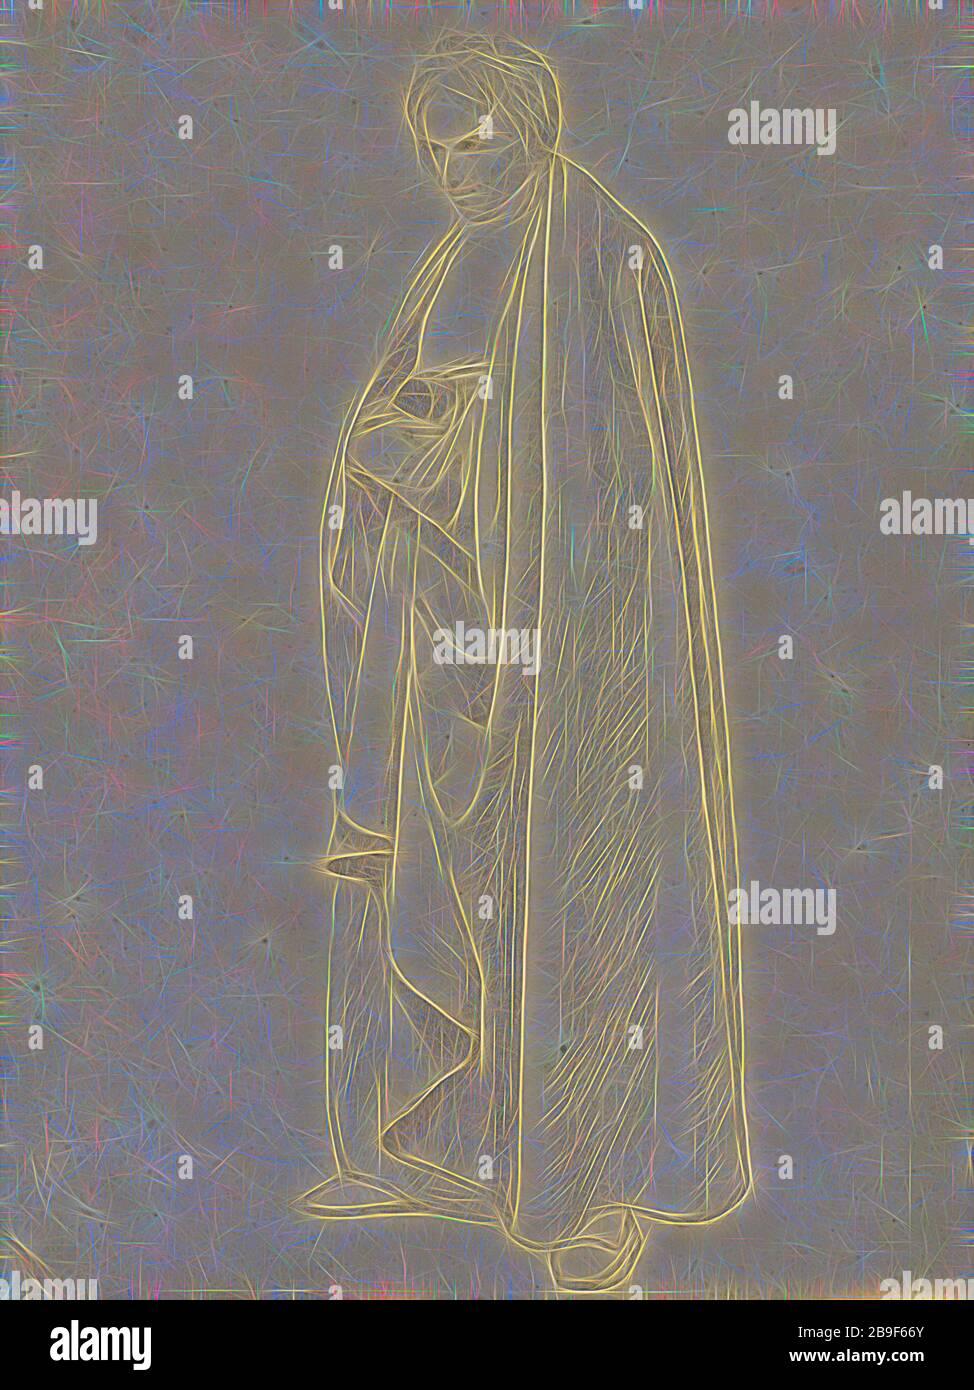 Joseph Wintergerst dans un manteau long, Wilhelm von Schadow (allemand, 1788 - 1862), Italie, vers 1811 - 1813, Graphite, 29,5 x 22 cm (11 5,8 x 8 11,16 po, repensé par Gibon, design de glanissement chaleureux et gai de luminosité et de lumière radiance. L'art classique réinventé avec une touche moderne. La photographie inspirée du futurisme, qui embrasse l'énergie dynamique de la technologie moderne, du mouvement, de la vitesse et révolutionne la culture. Banque D'Images